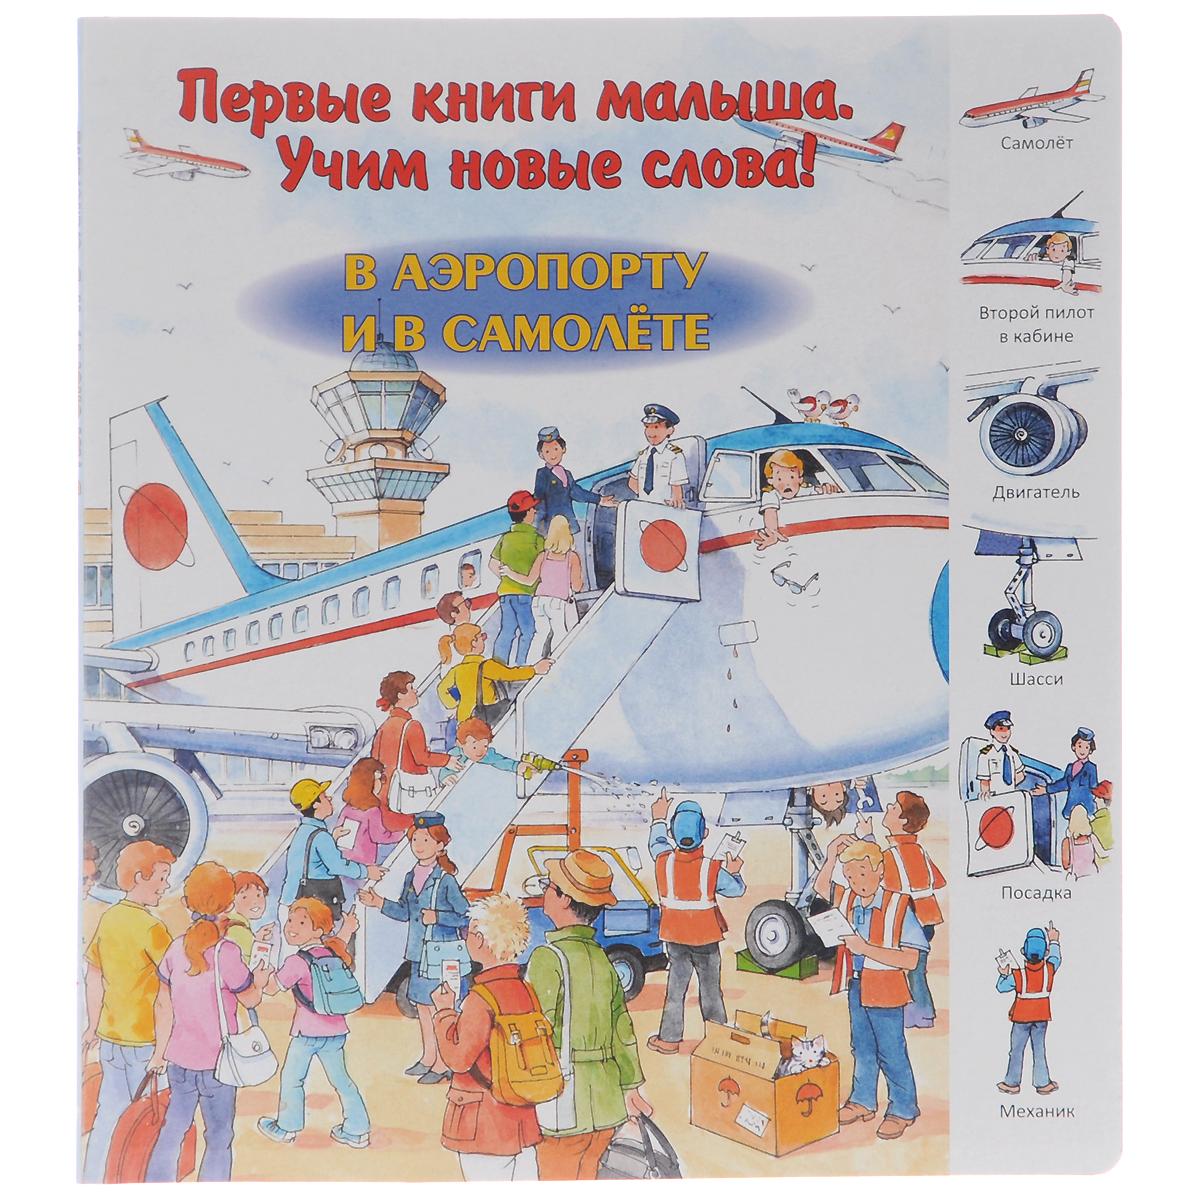 Первые книги малыша. Учим новые слова! В аэропорту и в самолете